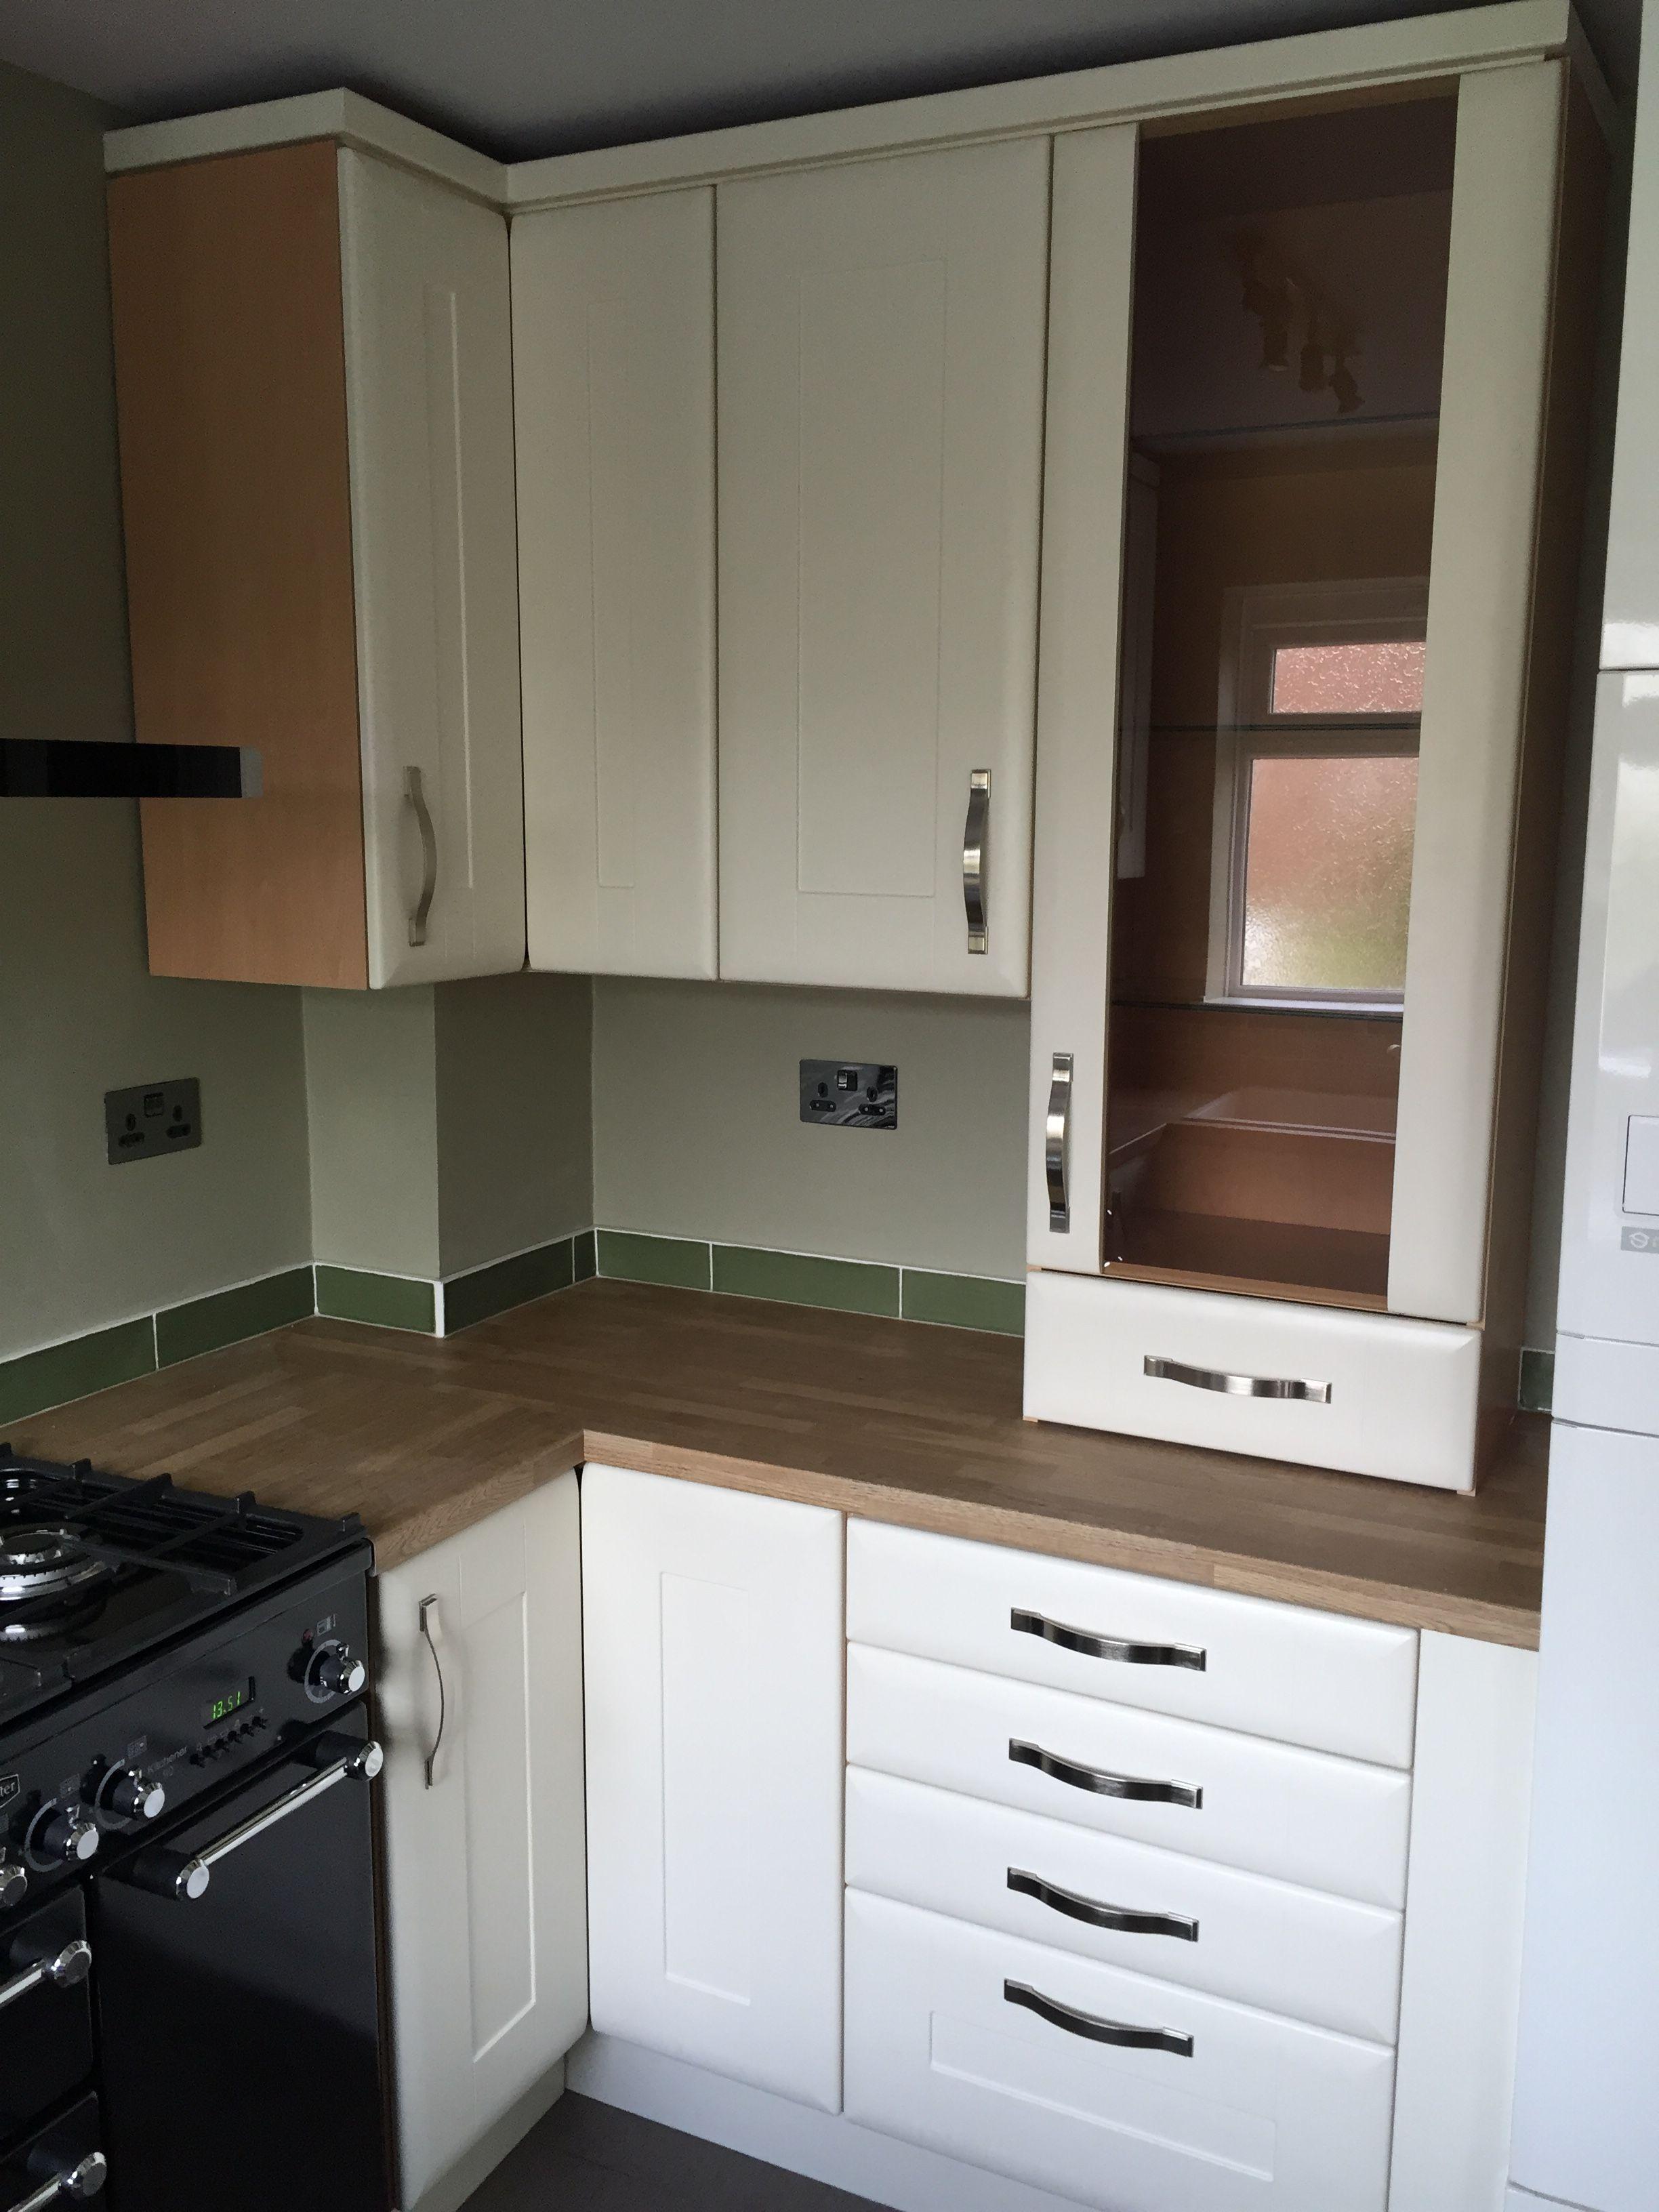 Pin By Prestige Refurbishments Chris On Prestige Kitchens Kitchen Cabinets Kitchen Home Decor